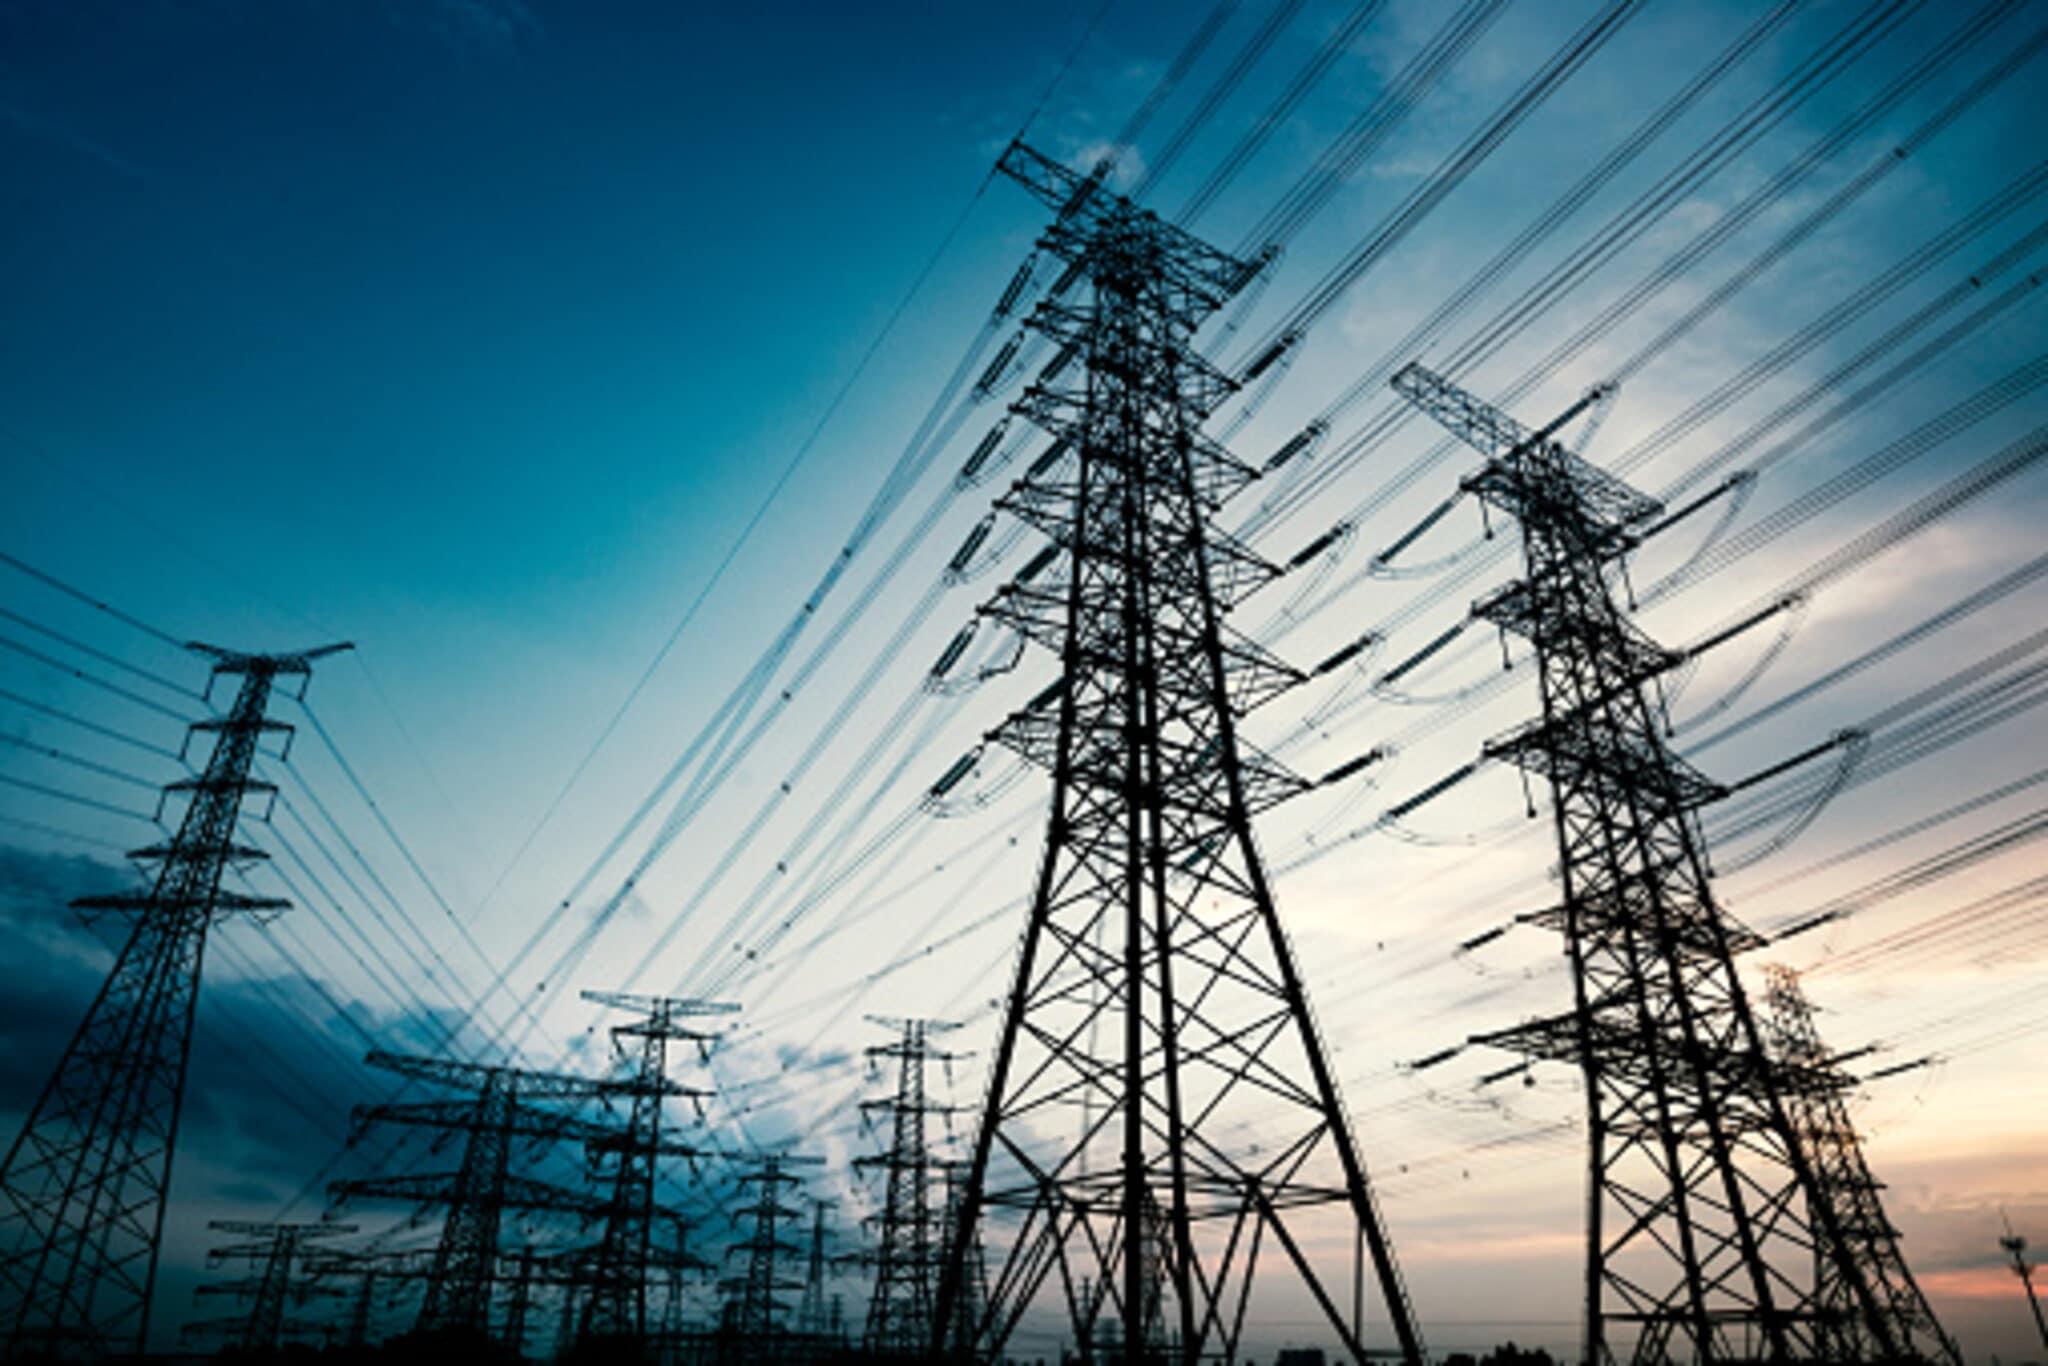 Sistema elettrico, domanda, Terna, consumi, rete, decarbonizzazione, innovazioni, rinnovabili, efficienza, accumulo, tecnologie, Italia, evoluzione, criticità, Energy Close-up Engineering